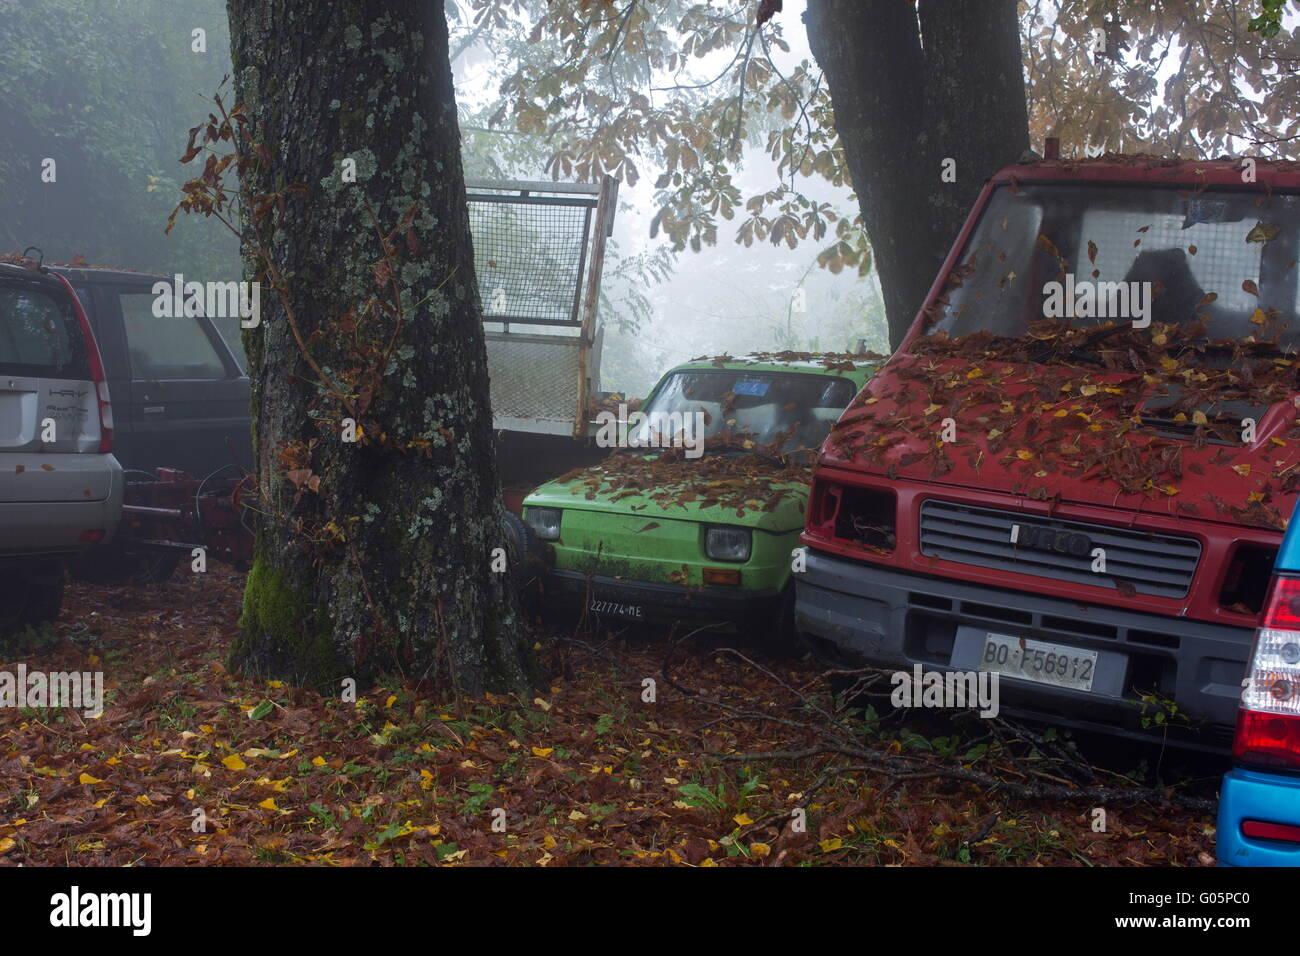 Abandoned cars - Stock Image